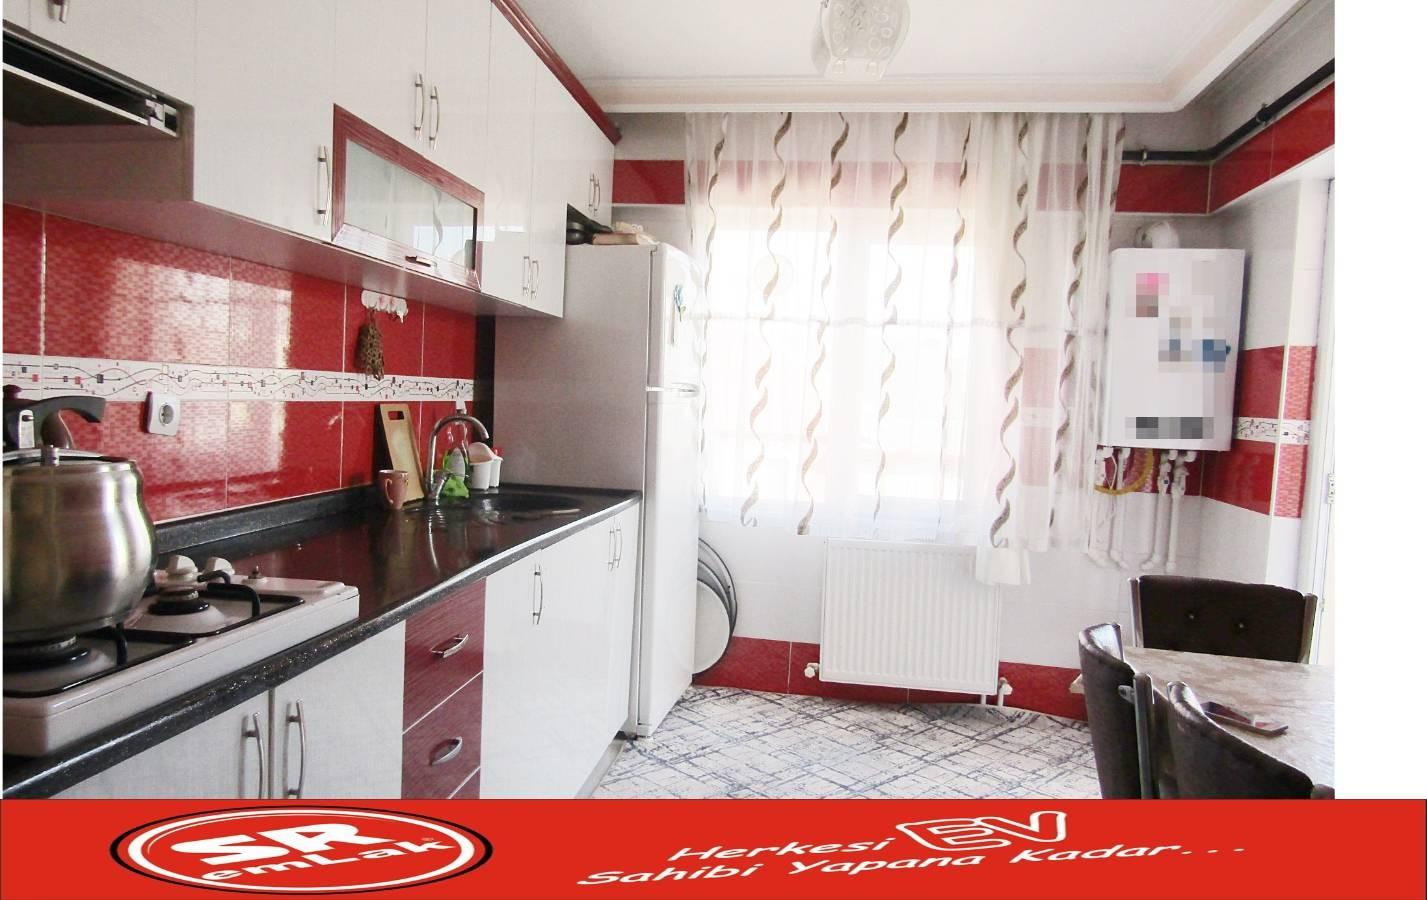 SR EMLAK'TAN SÜVARİ MAH'DE 4+2 250m²  ÖN CEPHE BAĞIMSIZ TERAS